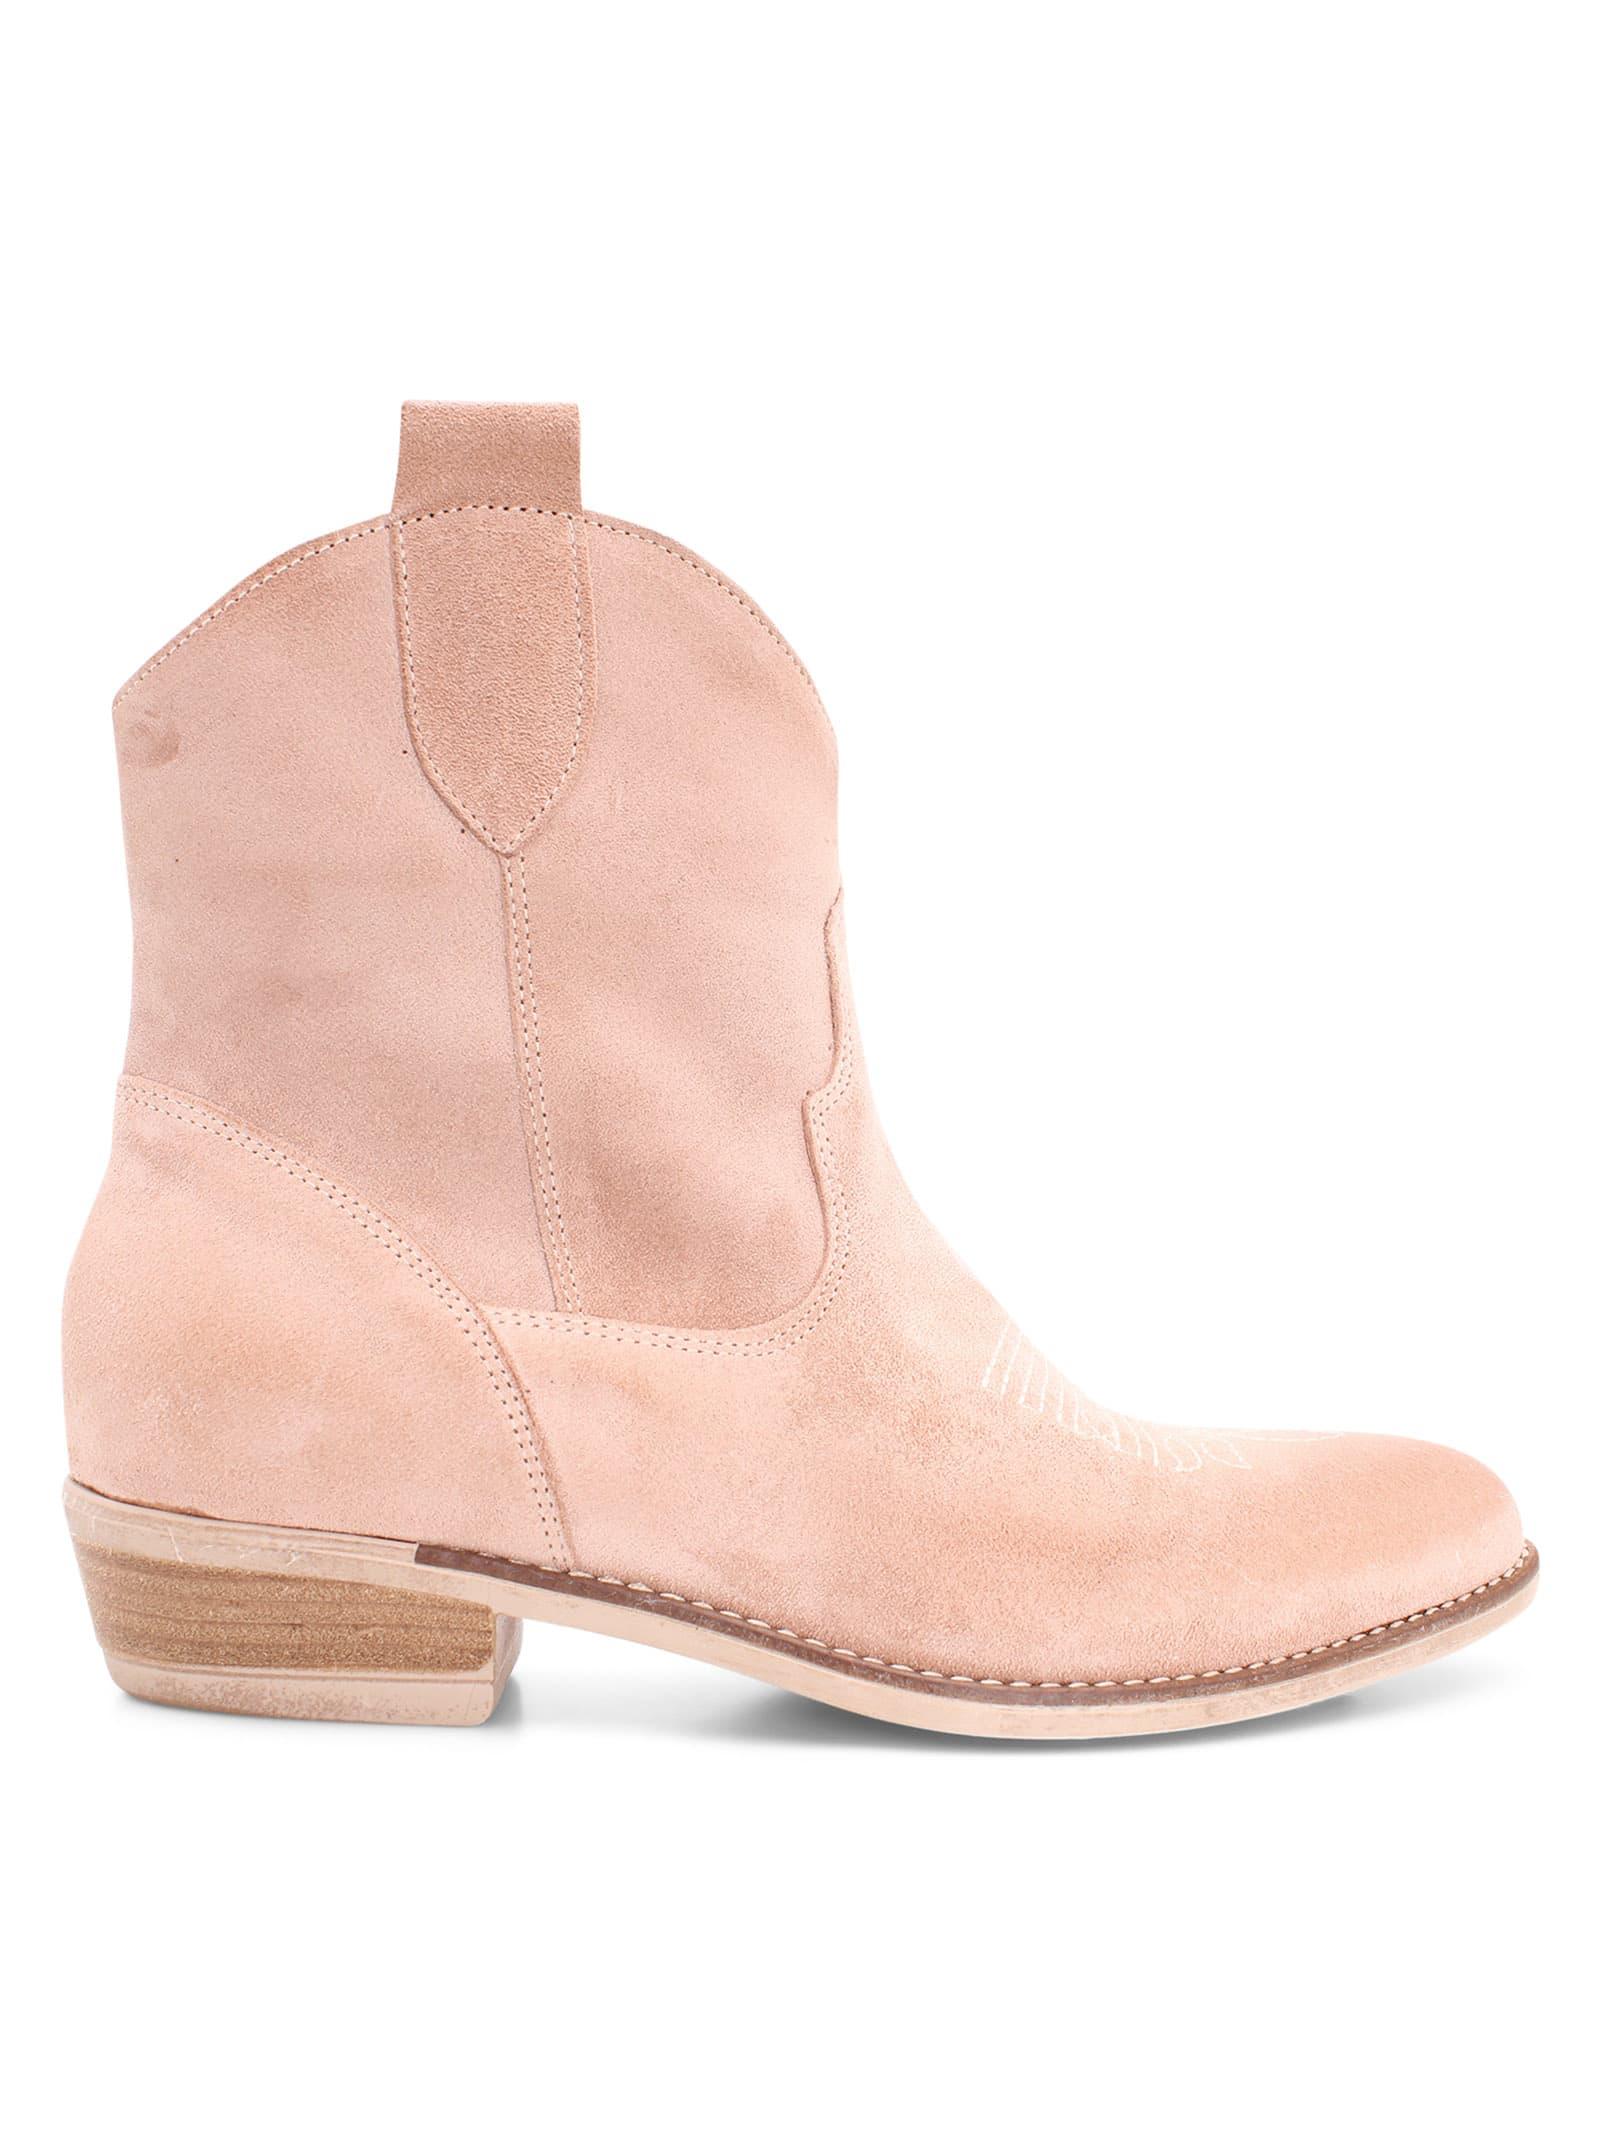 nexus Leather Boots